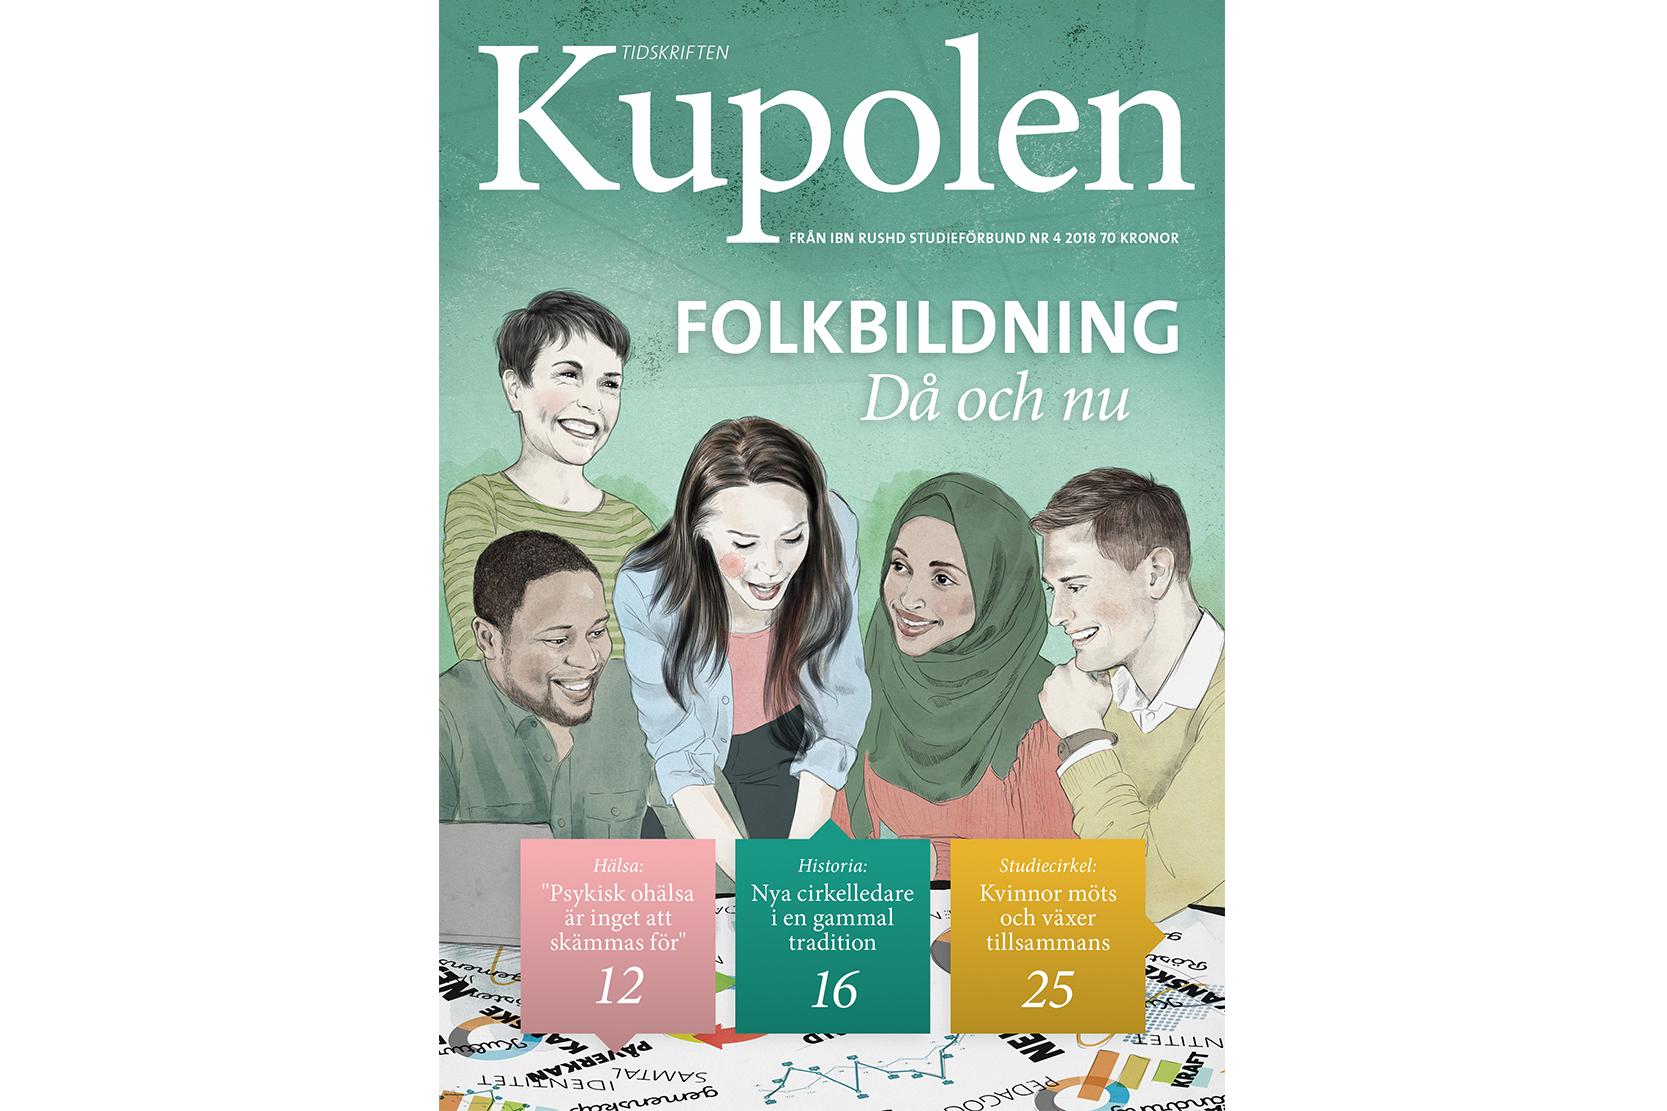 Kupolen 4/2018